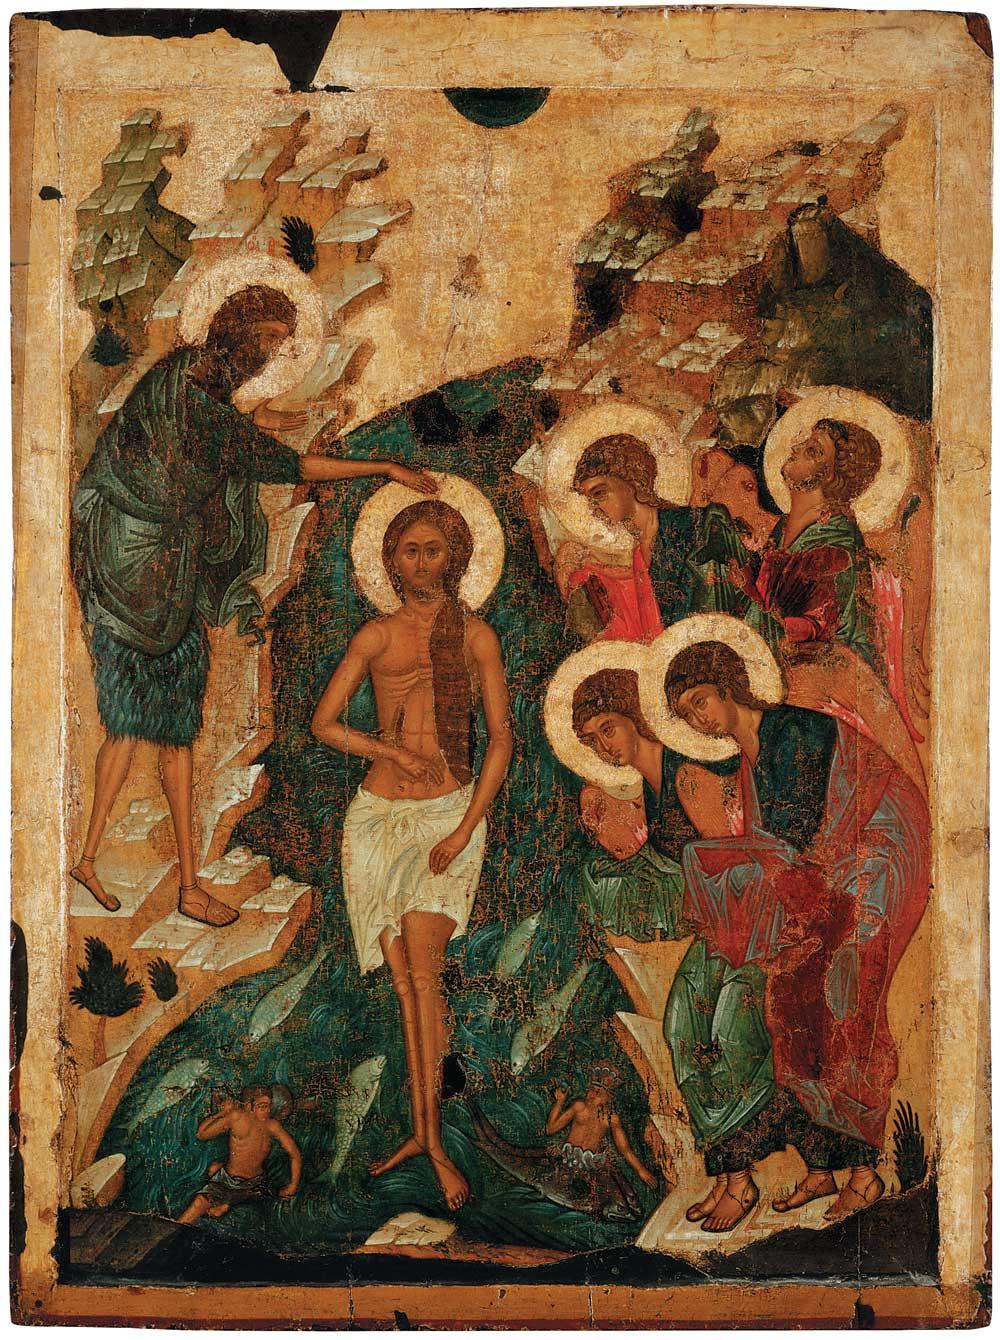 Крещение Господне. Икона из праздничного чина Успенского собора г. Владимира. 1408 г.